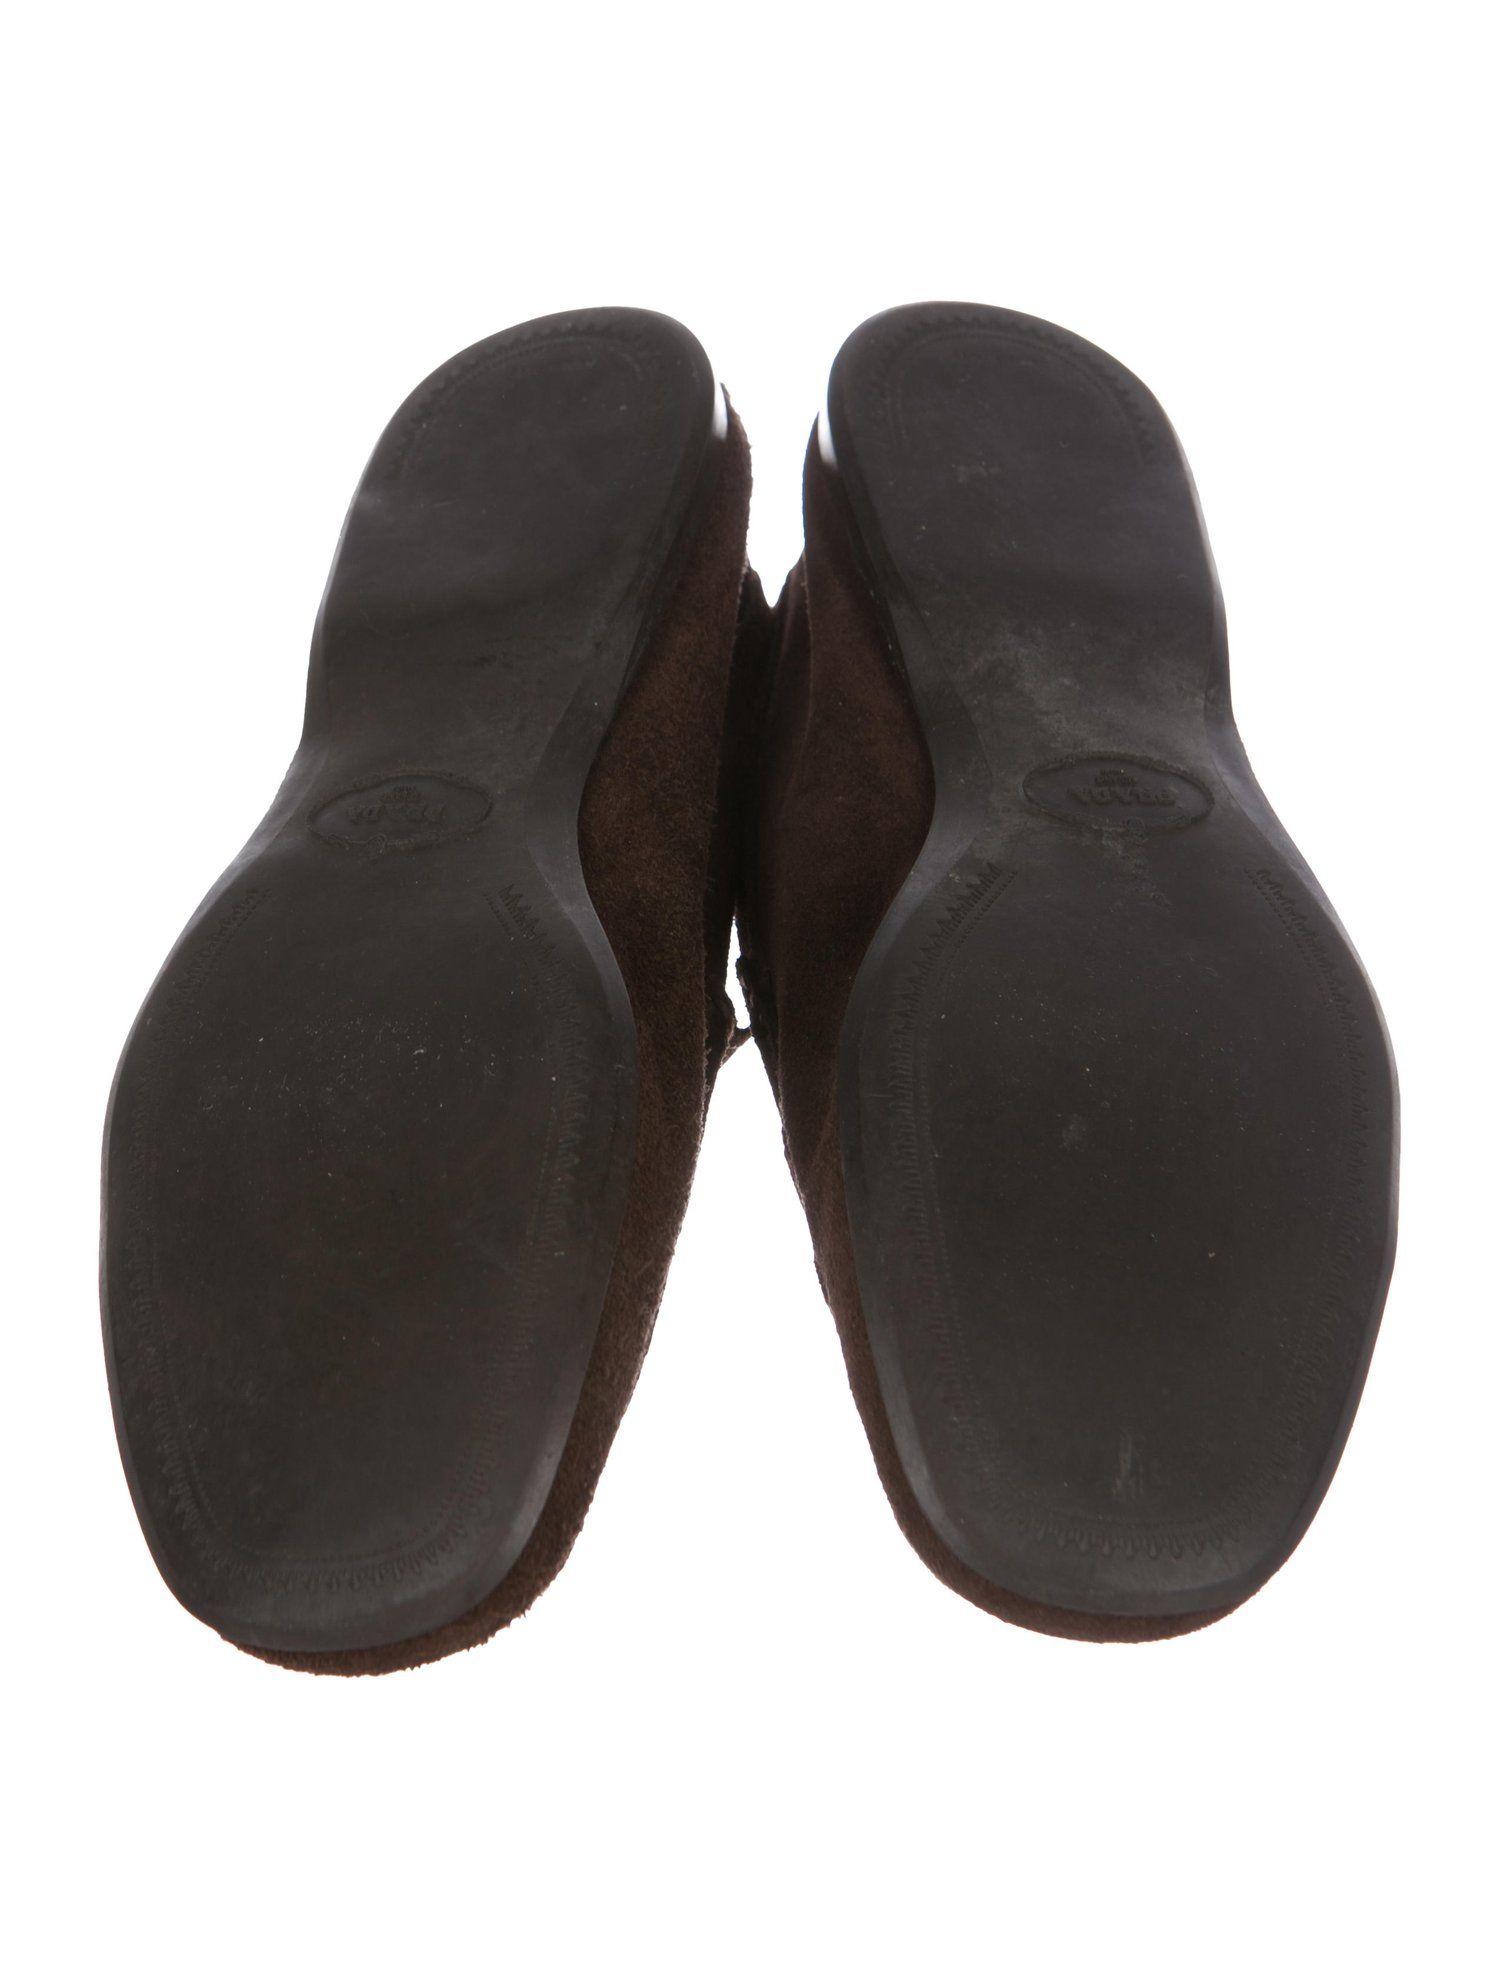 Prada Suede Driving Loafers  Suede  Prada  Loafers  113fd1e71